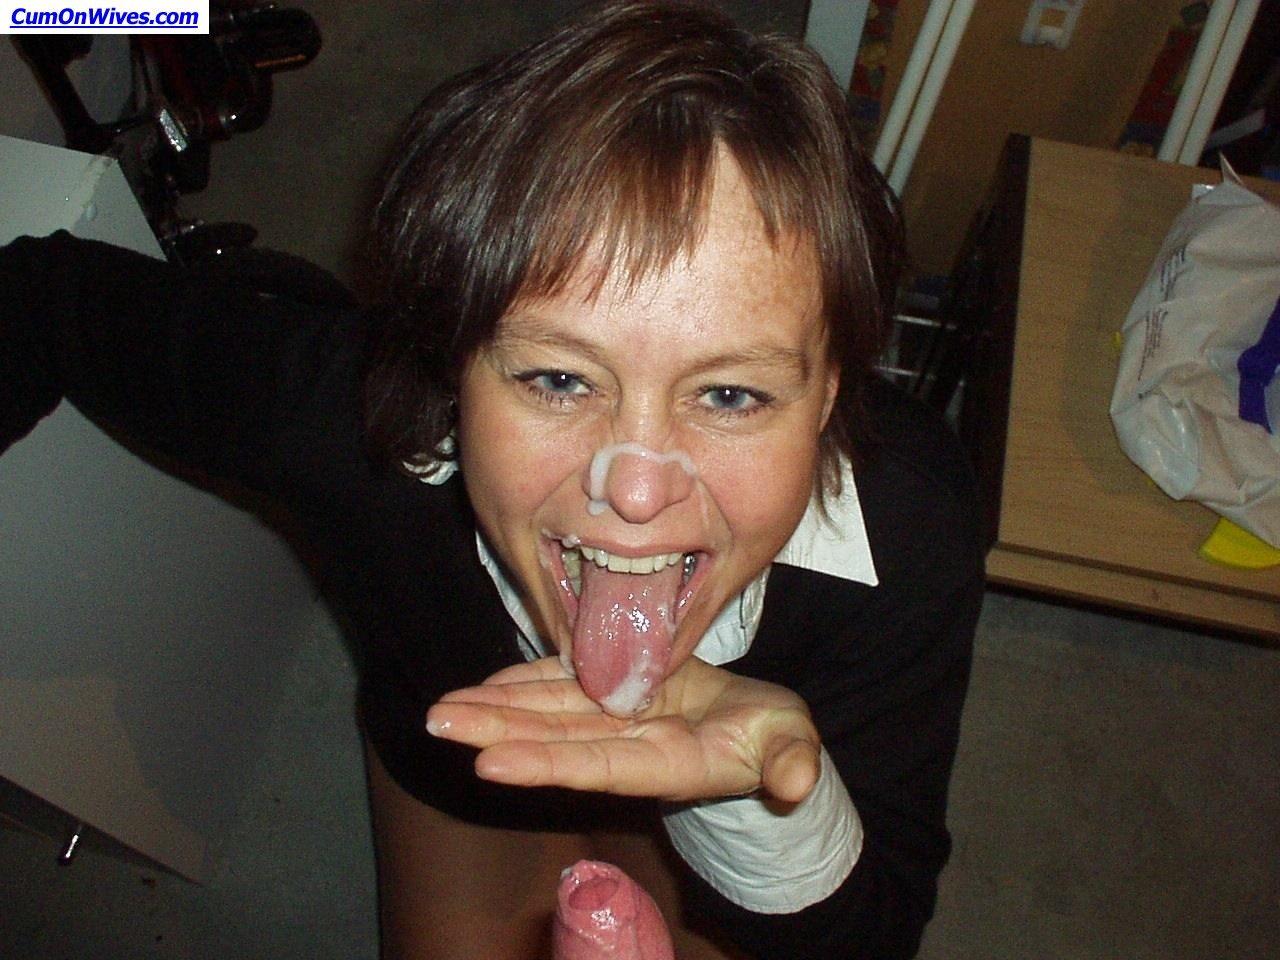 Sexy demi levato pictures